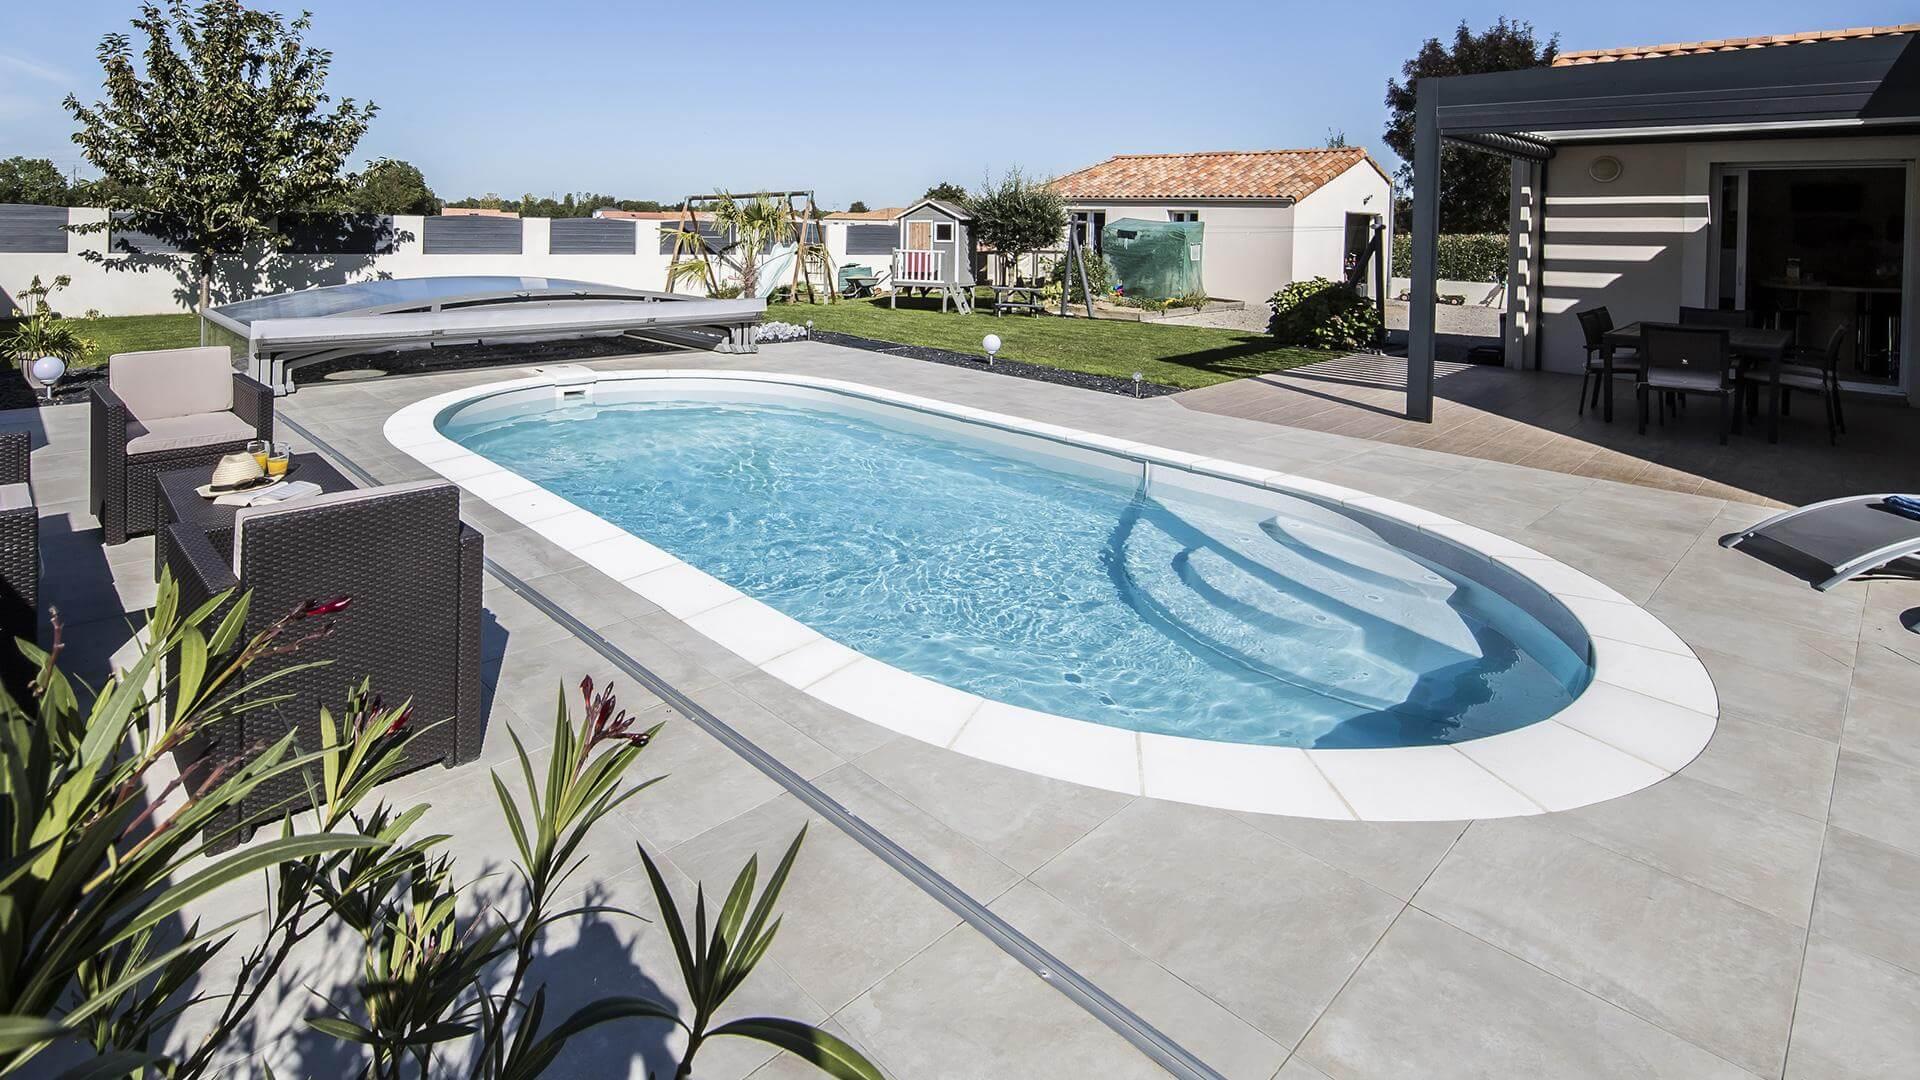 piscine ovale elsa 3